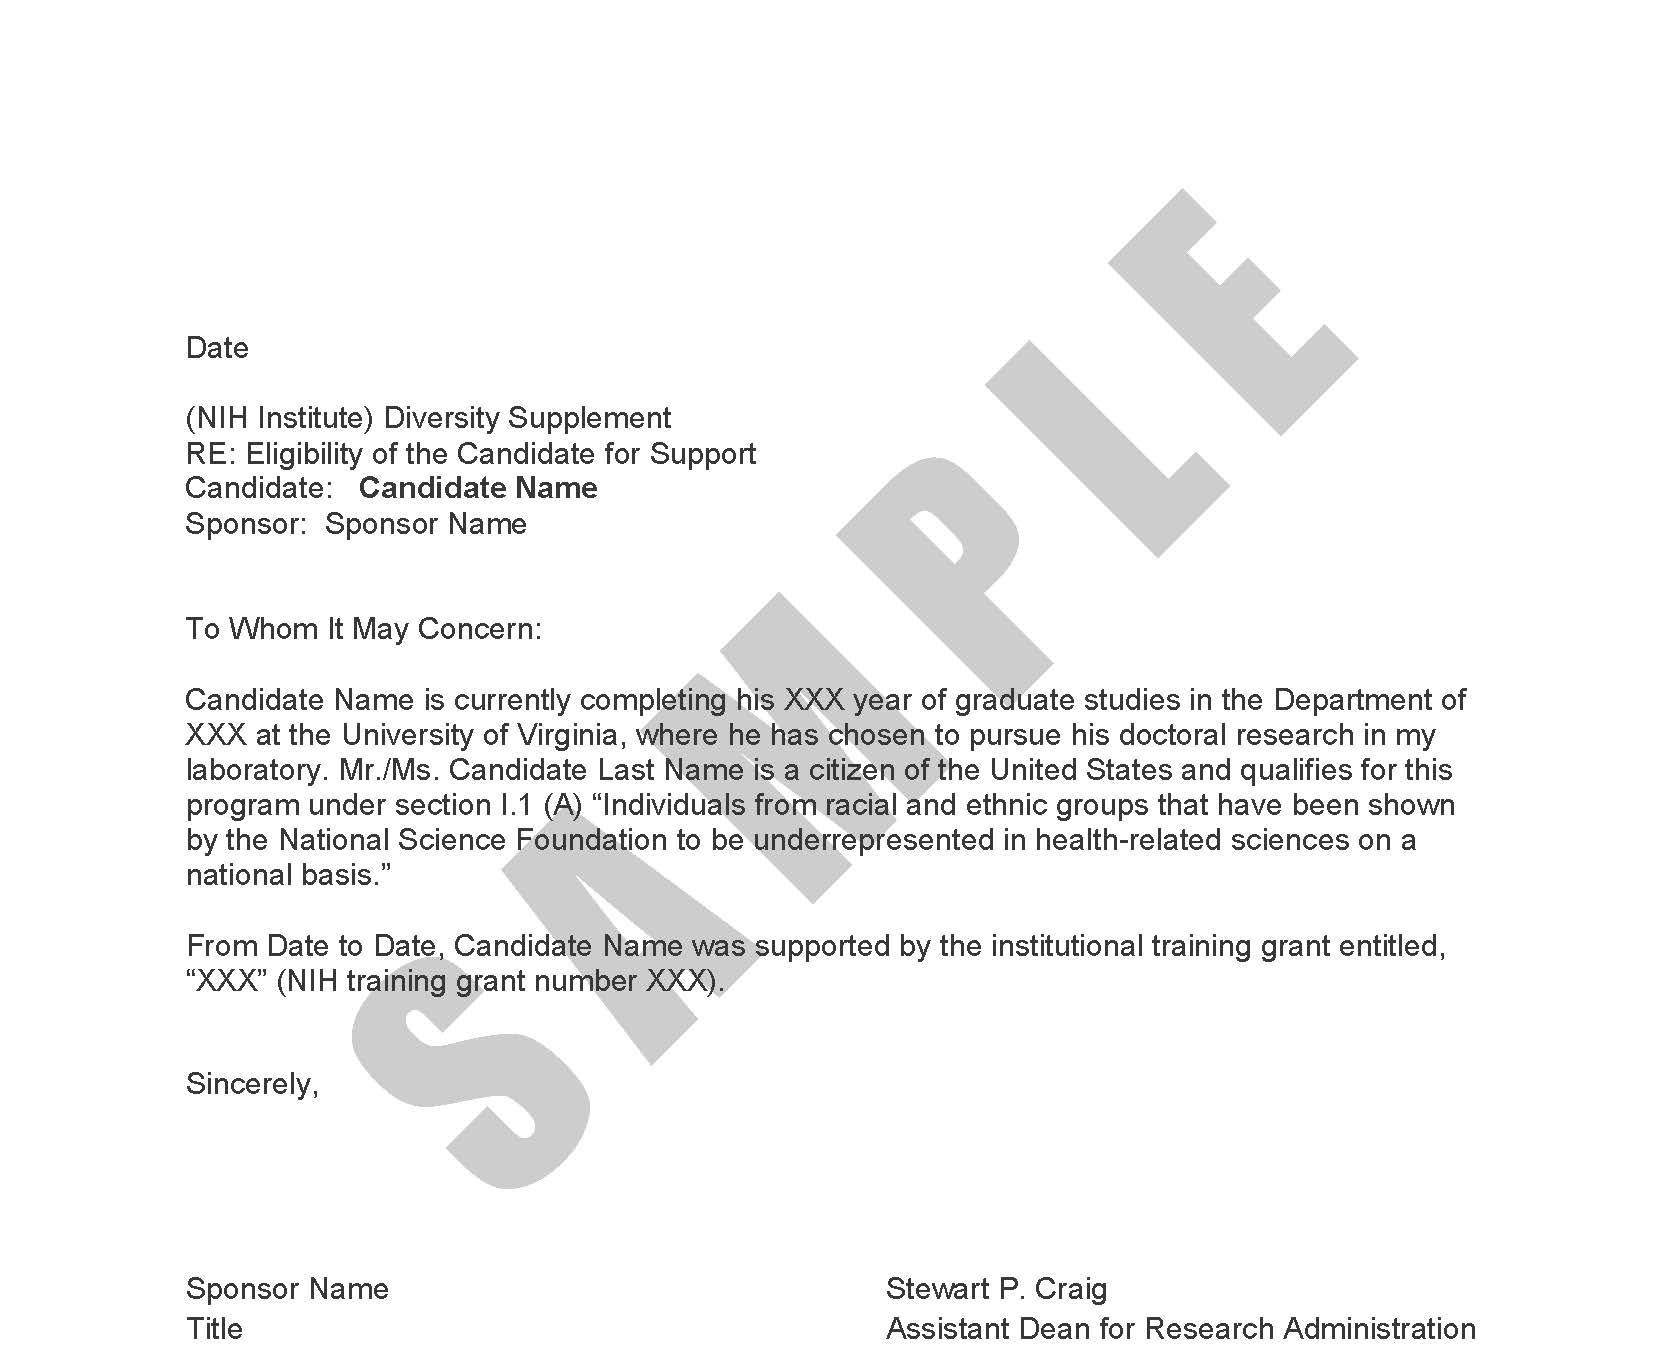 Grant Letter Of Support Sample from med.virginia.edu